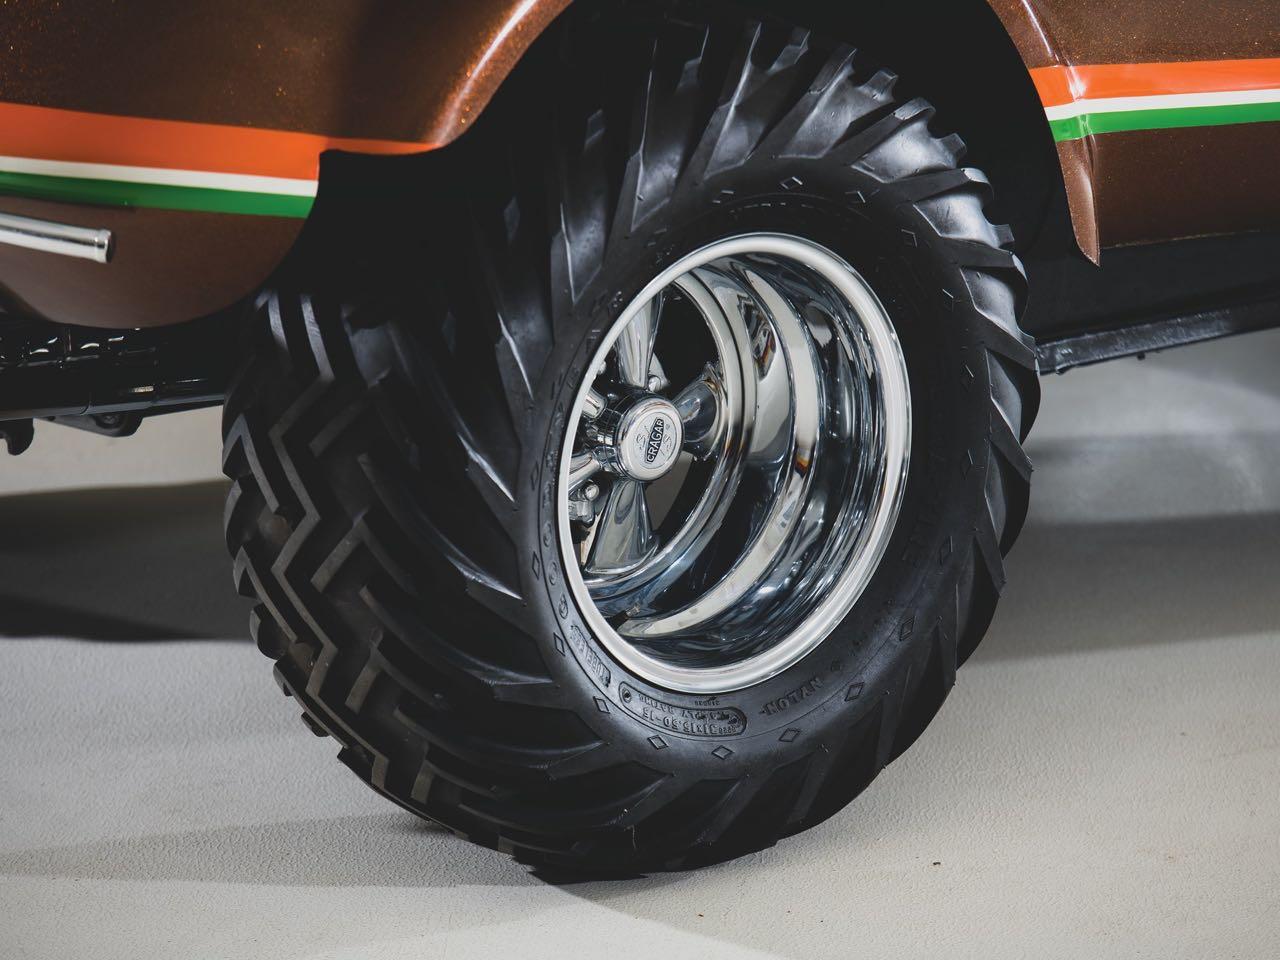 1971 Mangosta Sport Buggy - Délire V.I.P ! 2